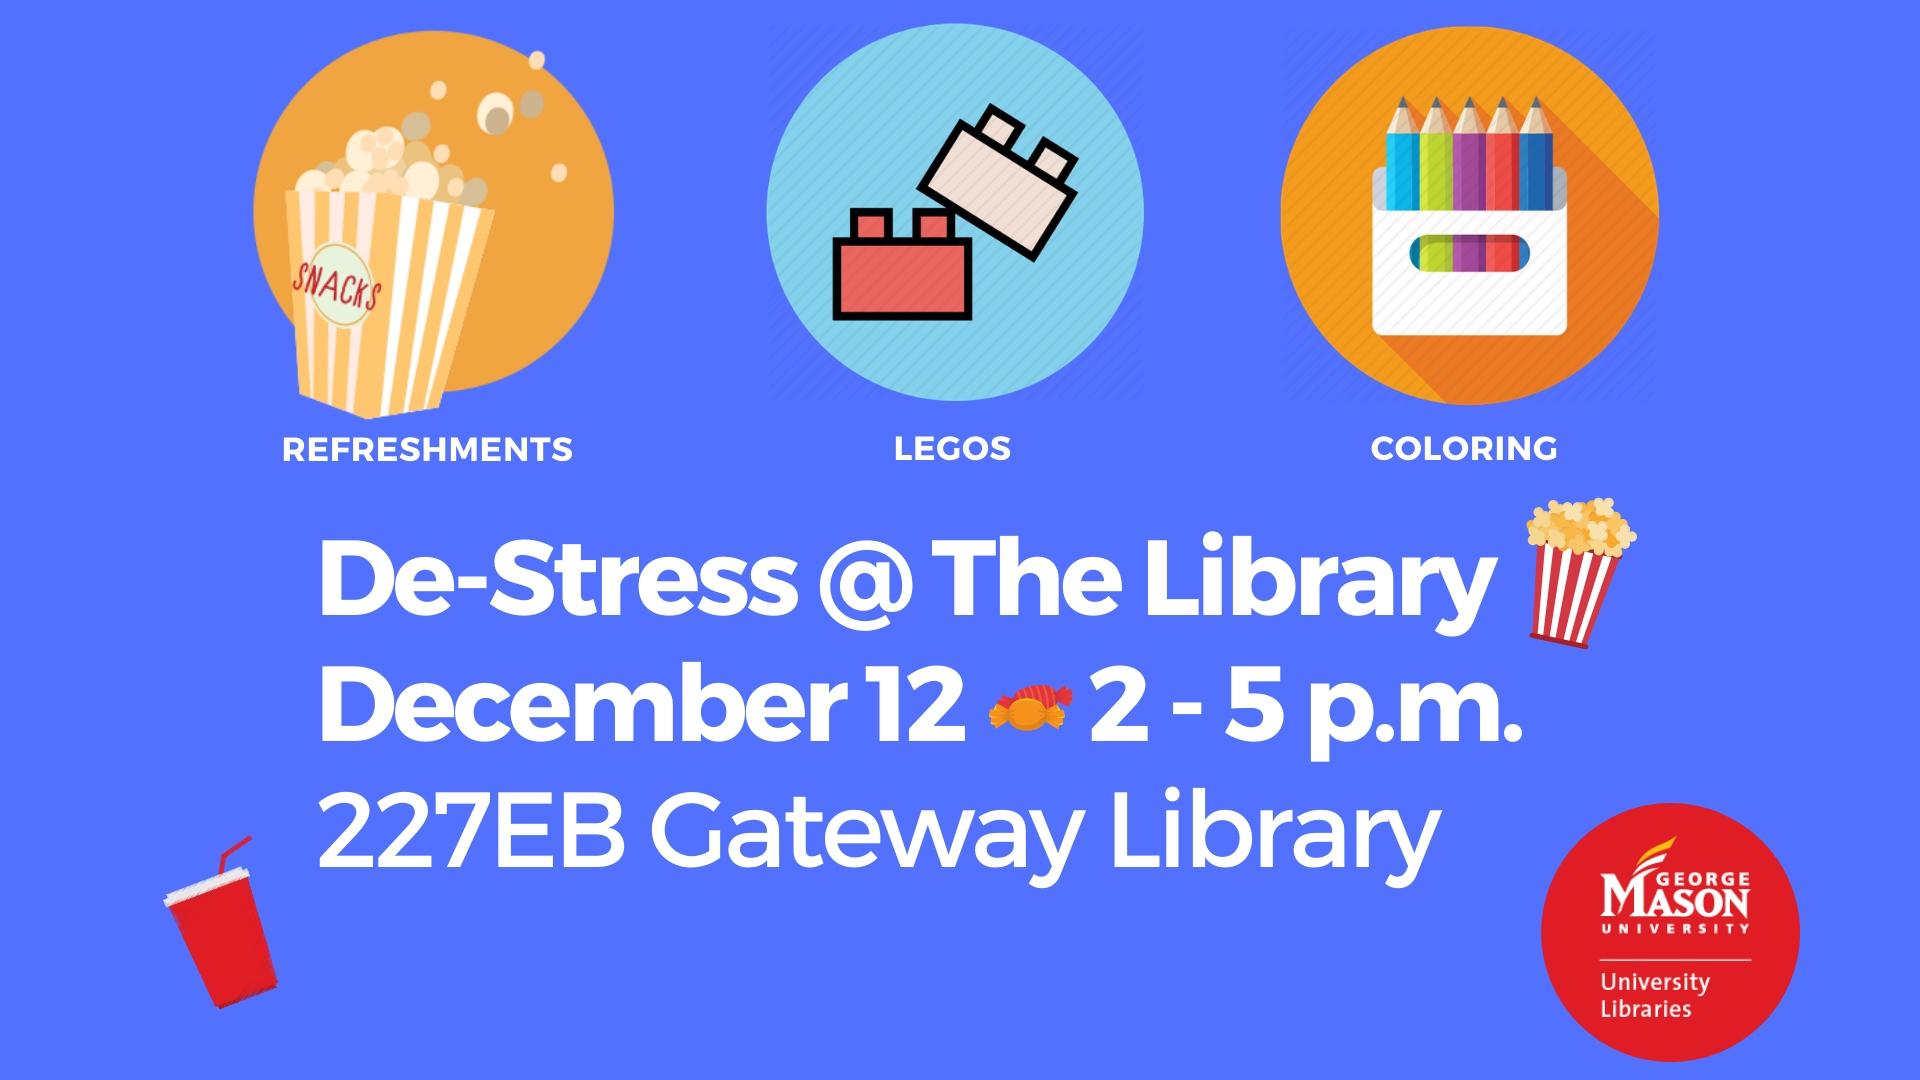 De-Stress@Gateway Library